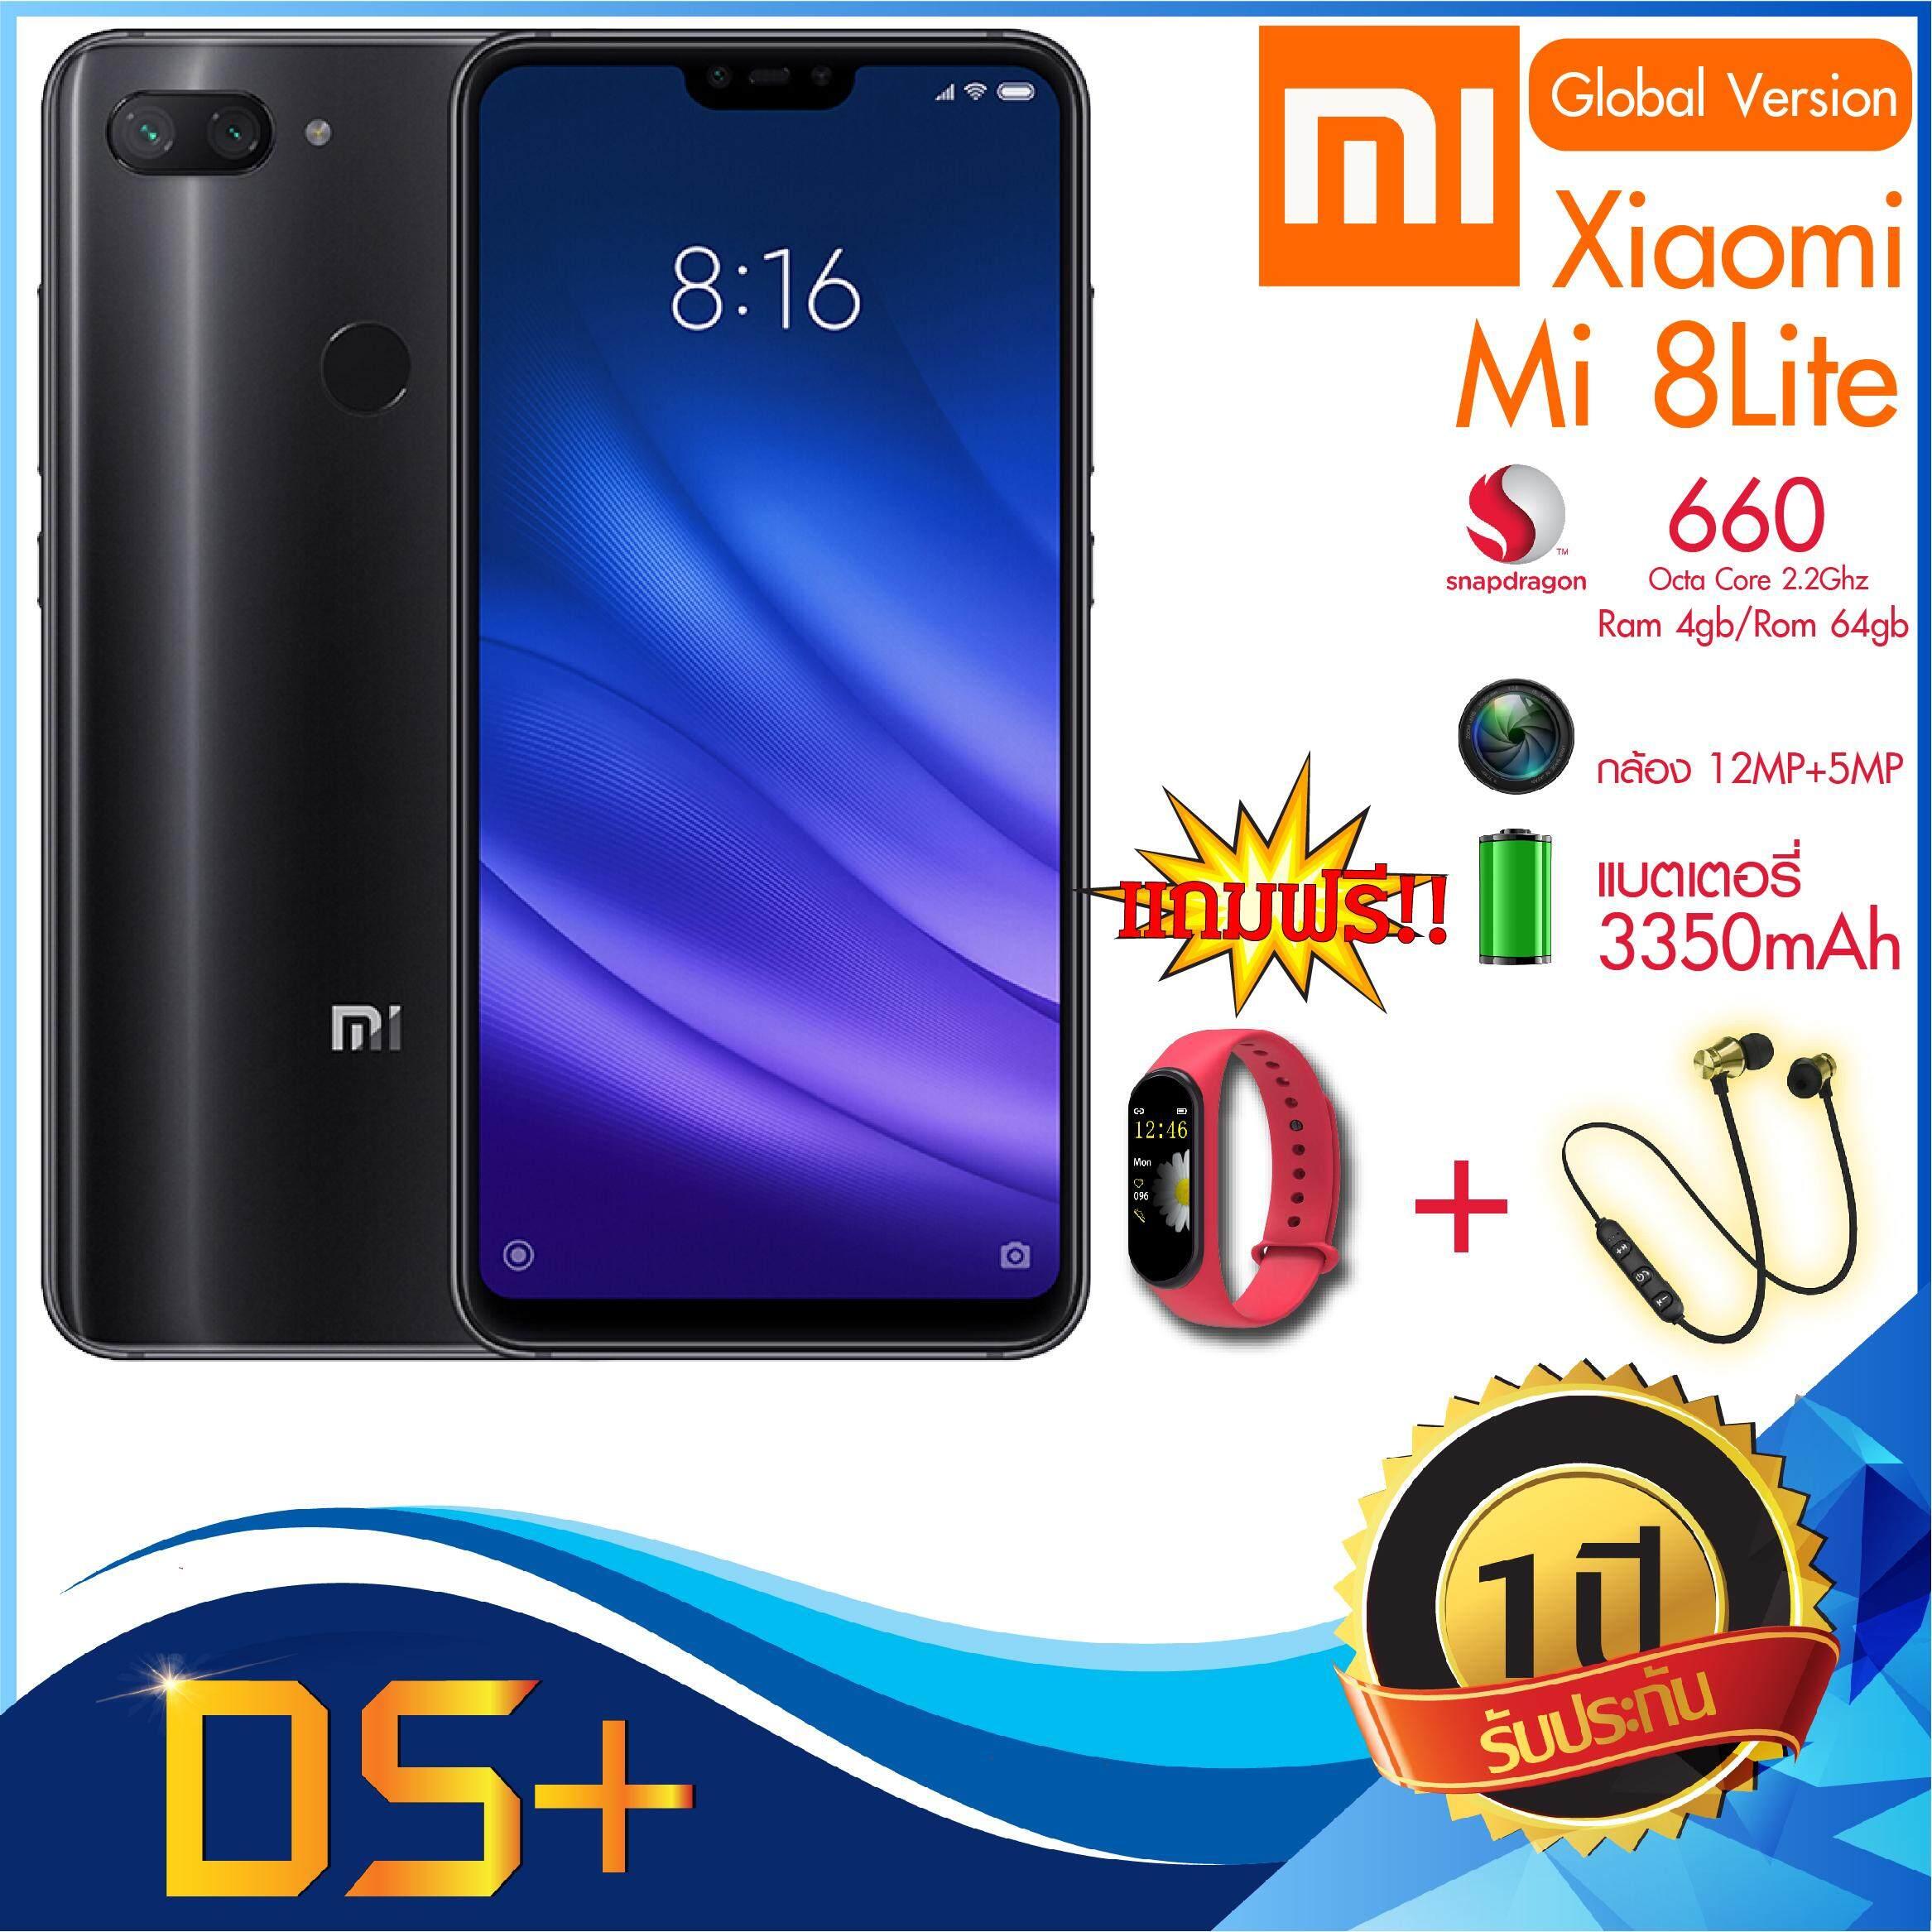 ยี่ห้อไหนดี  ฉะเชิงเทรา Xiaomi Mi 8 Lite แถมฟรี!! หูฟังบลูทูธ รุ่น XT11 + สมาร์ทวอทช์ รุ่น DSM4S (Ram 4gb + Rom 64gb) - (รับประกันร้าน 1ปี)